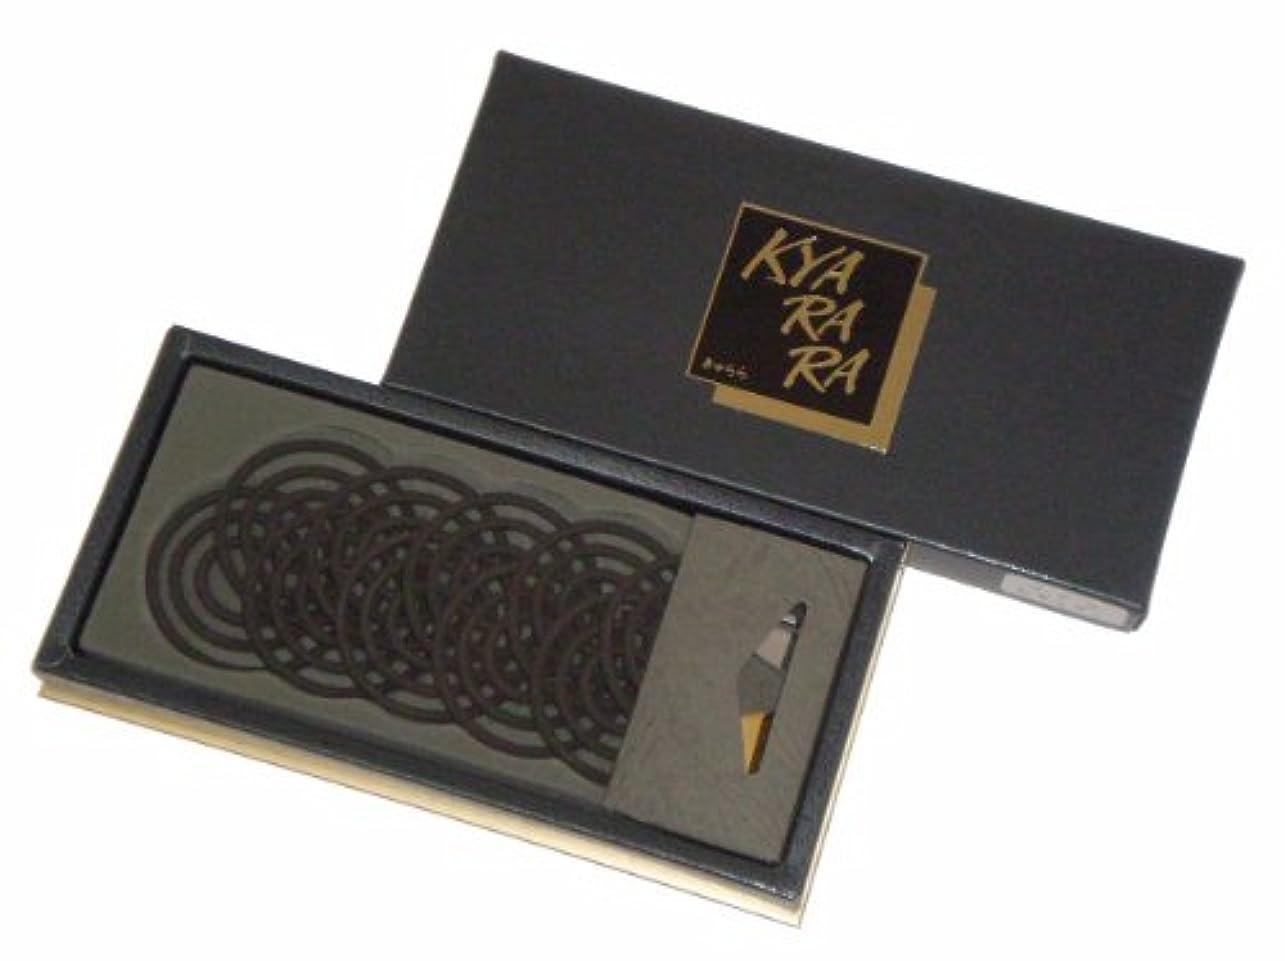 青写真前任者タイル玉初堂のお香 キャララ コイルレギュラーセット #5234